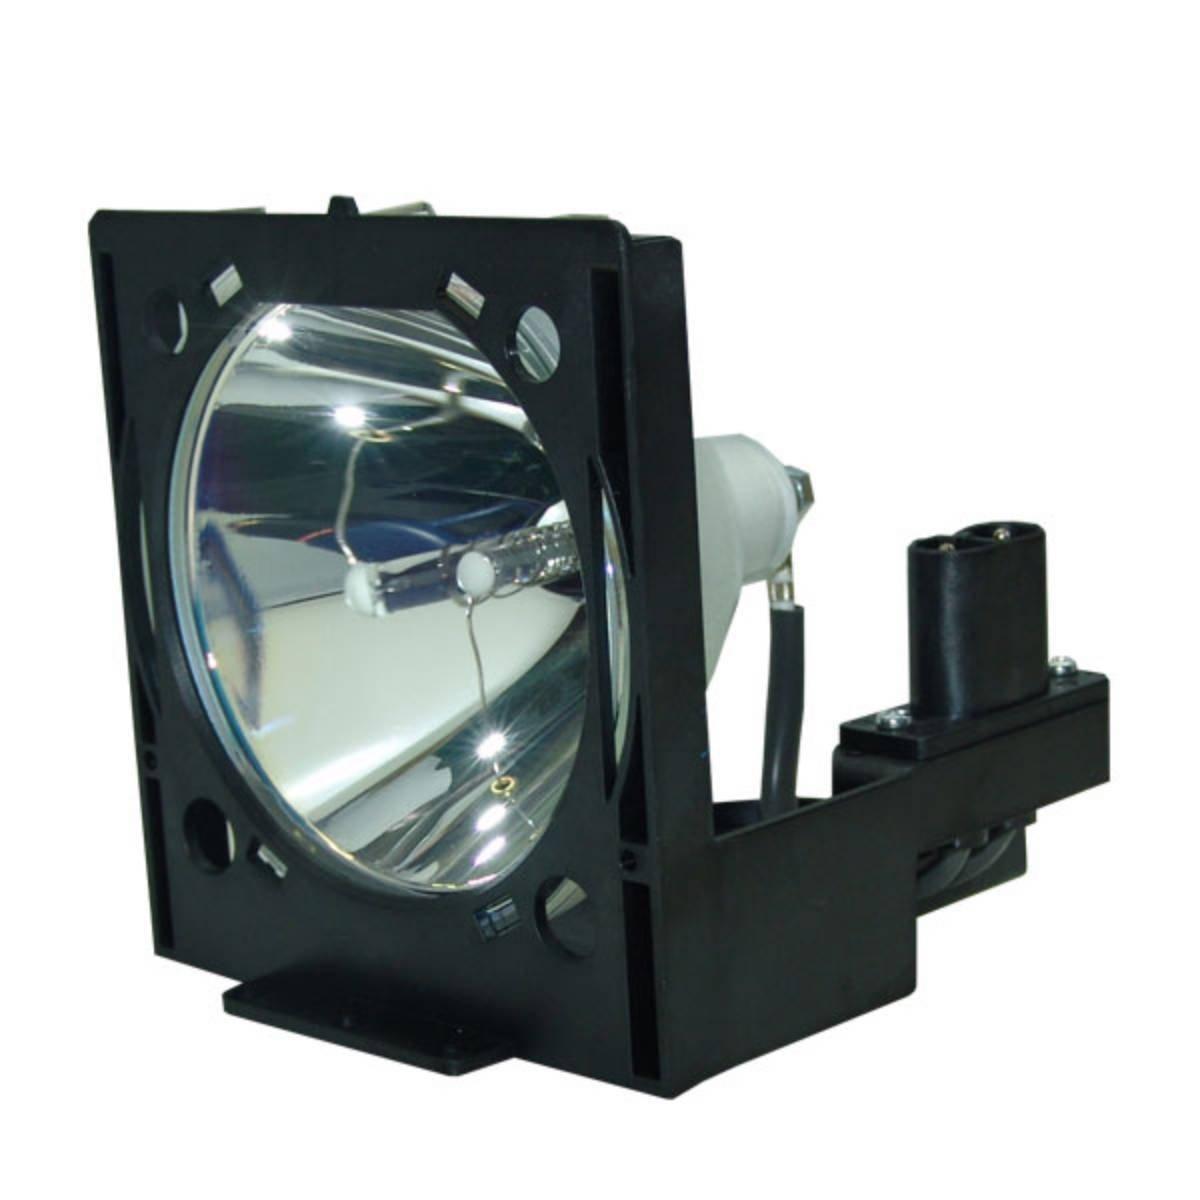 POA-LMP14 LMP14 610-265-8828 Lamp for SANYO PLC-5600D PLC-5605 PLC-8800N PLC-8805 PLC-8810 PLC-8815 PLC-XR70 Projector Lamp Bulb<br><br>Aliexpress